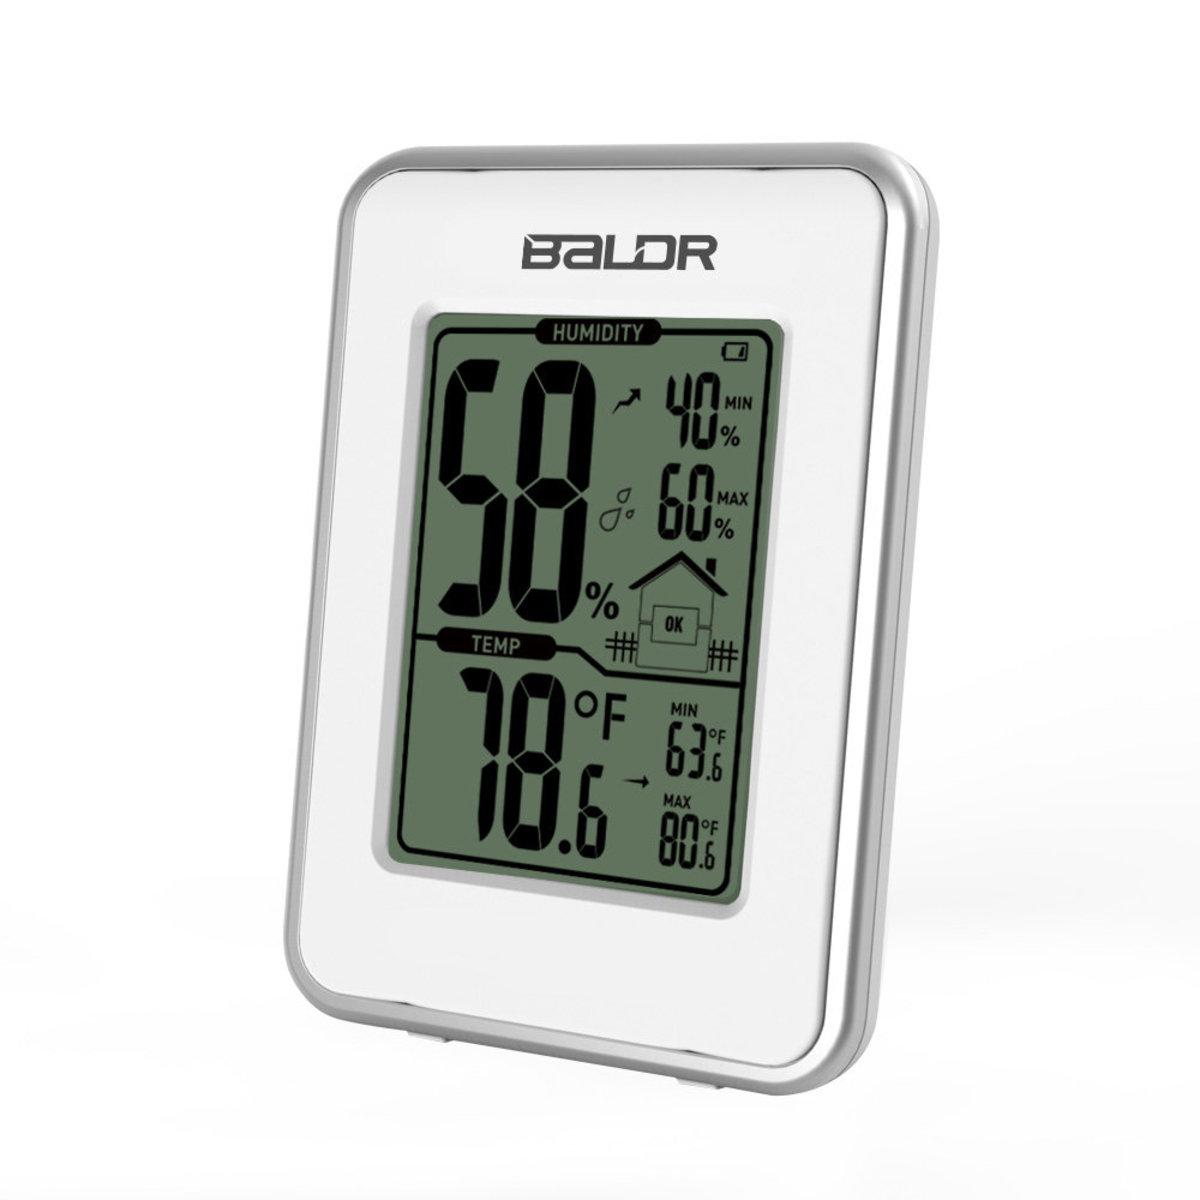 b0109 家用溫度計 濕度計 AAA電池x2